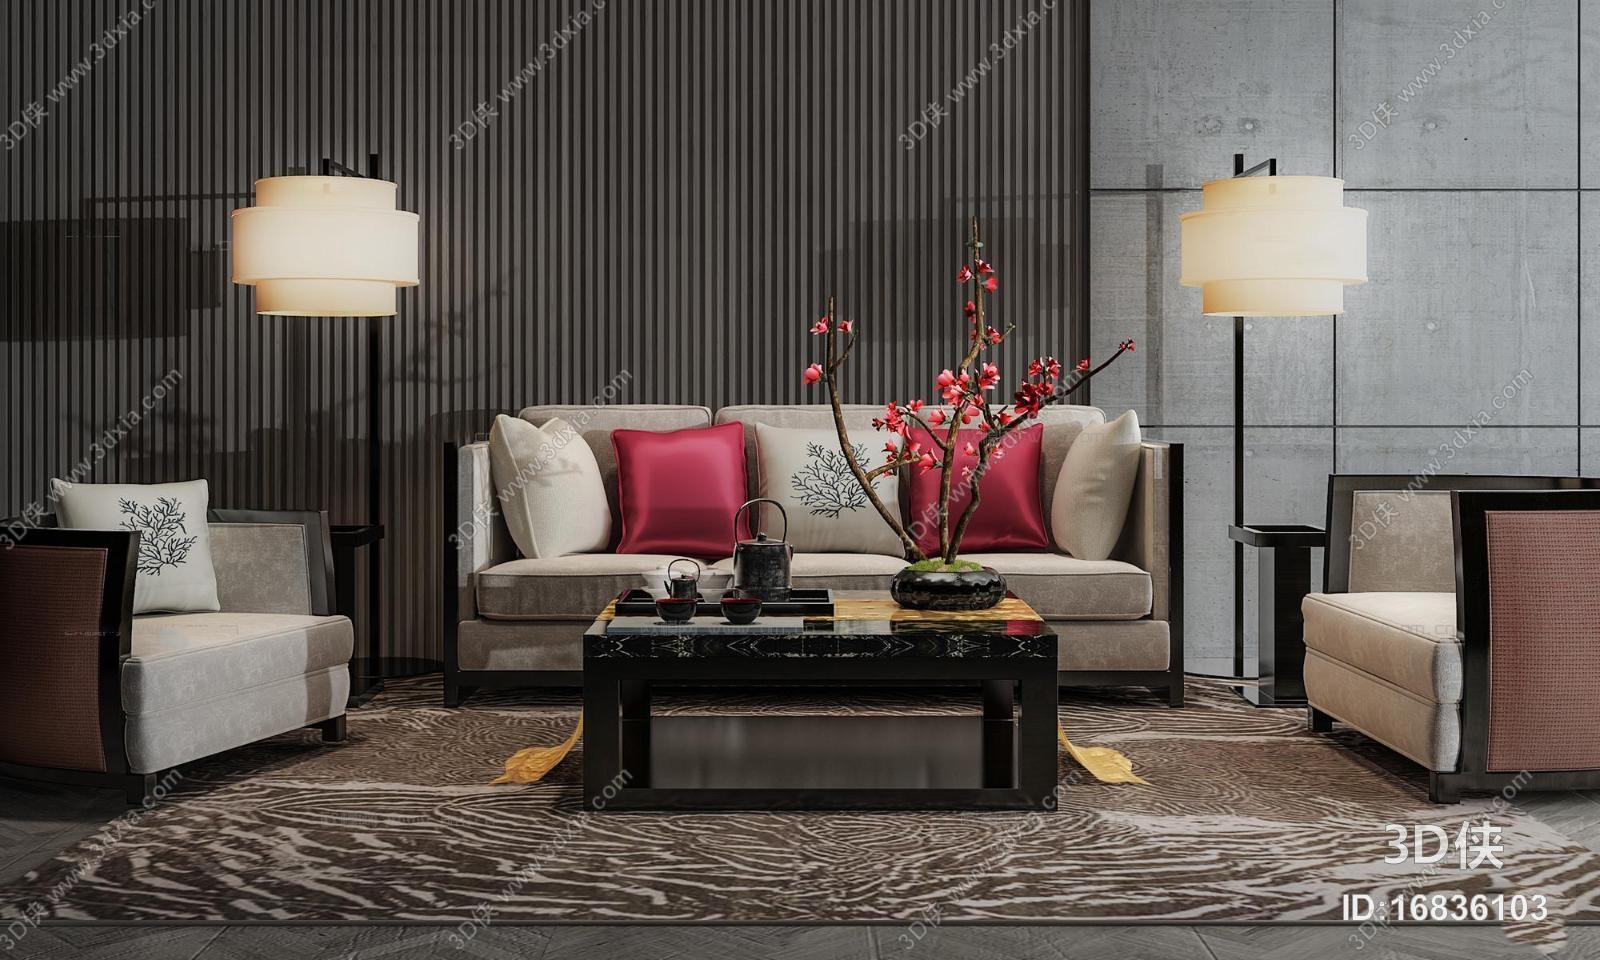 新中式沙发茶几组合3d模型【id:16836103】图片